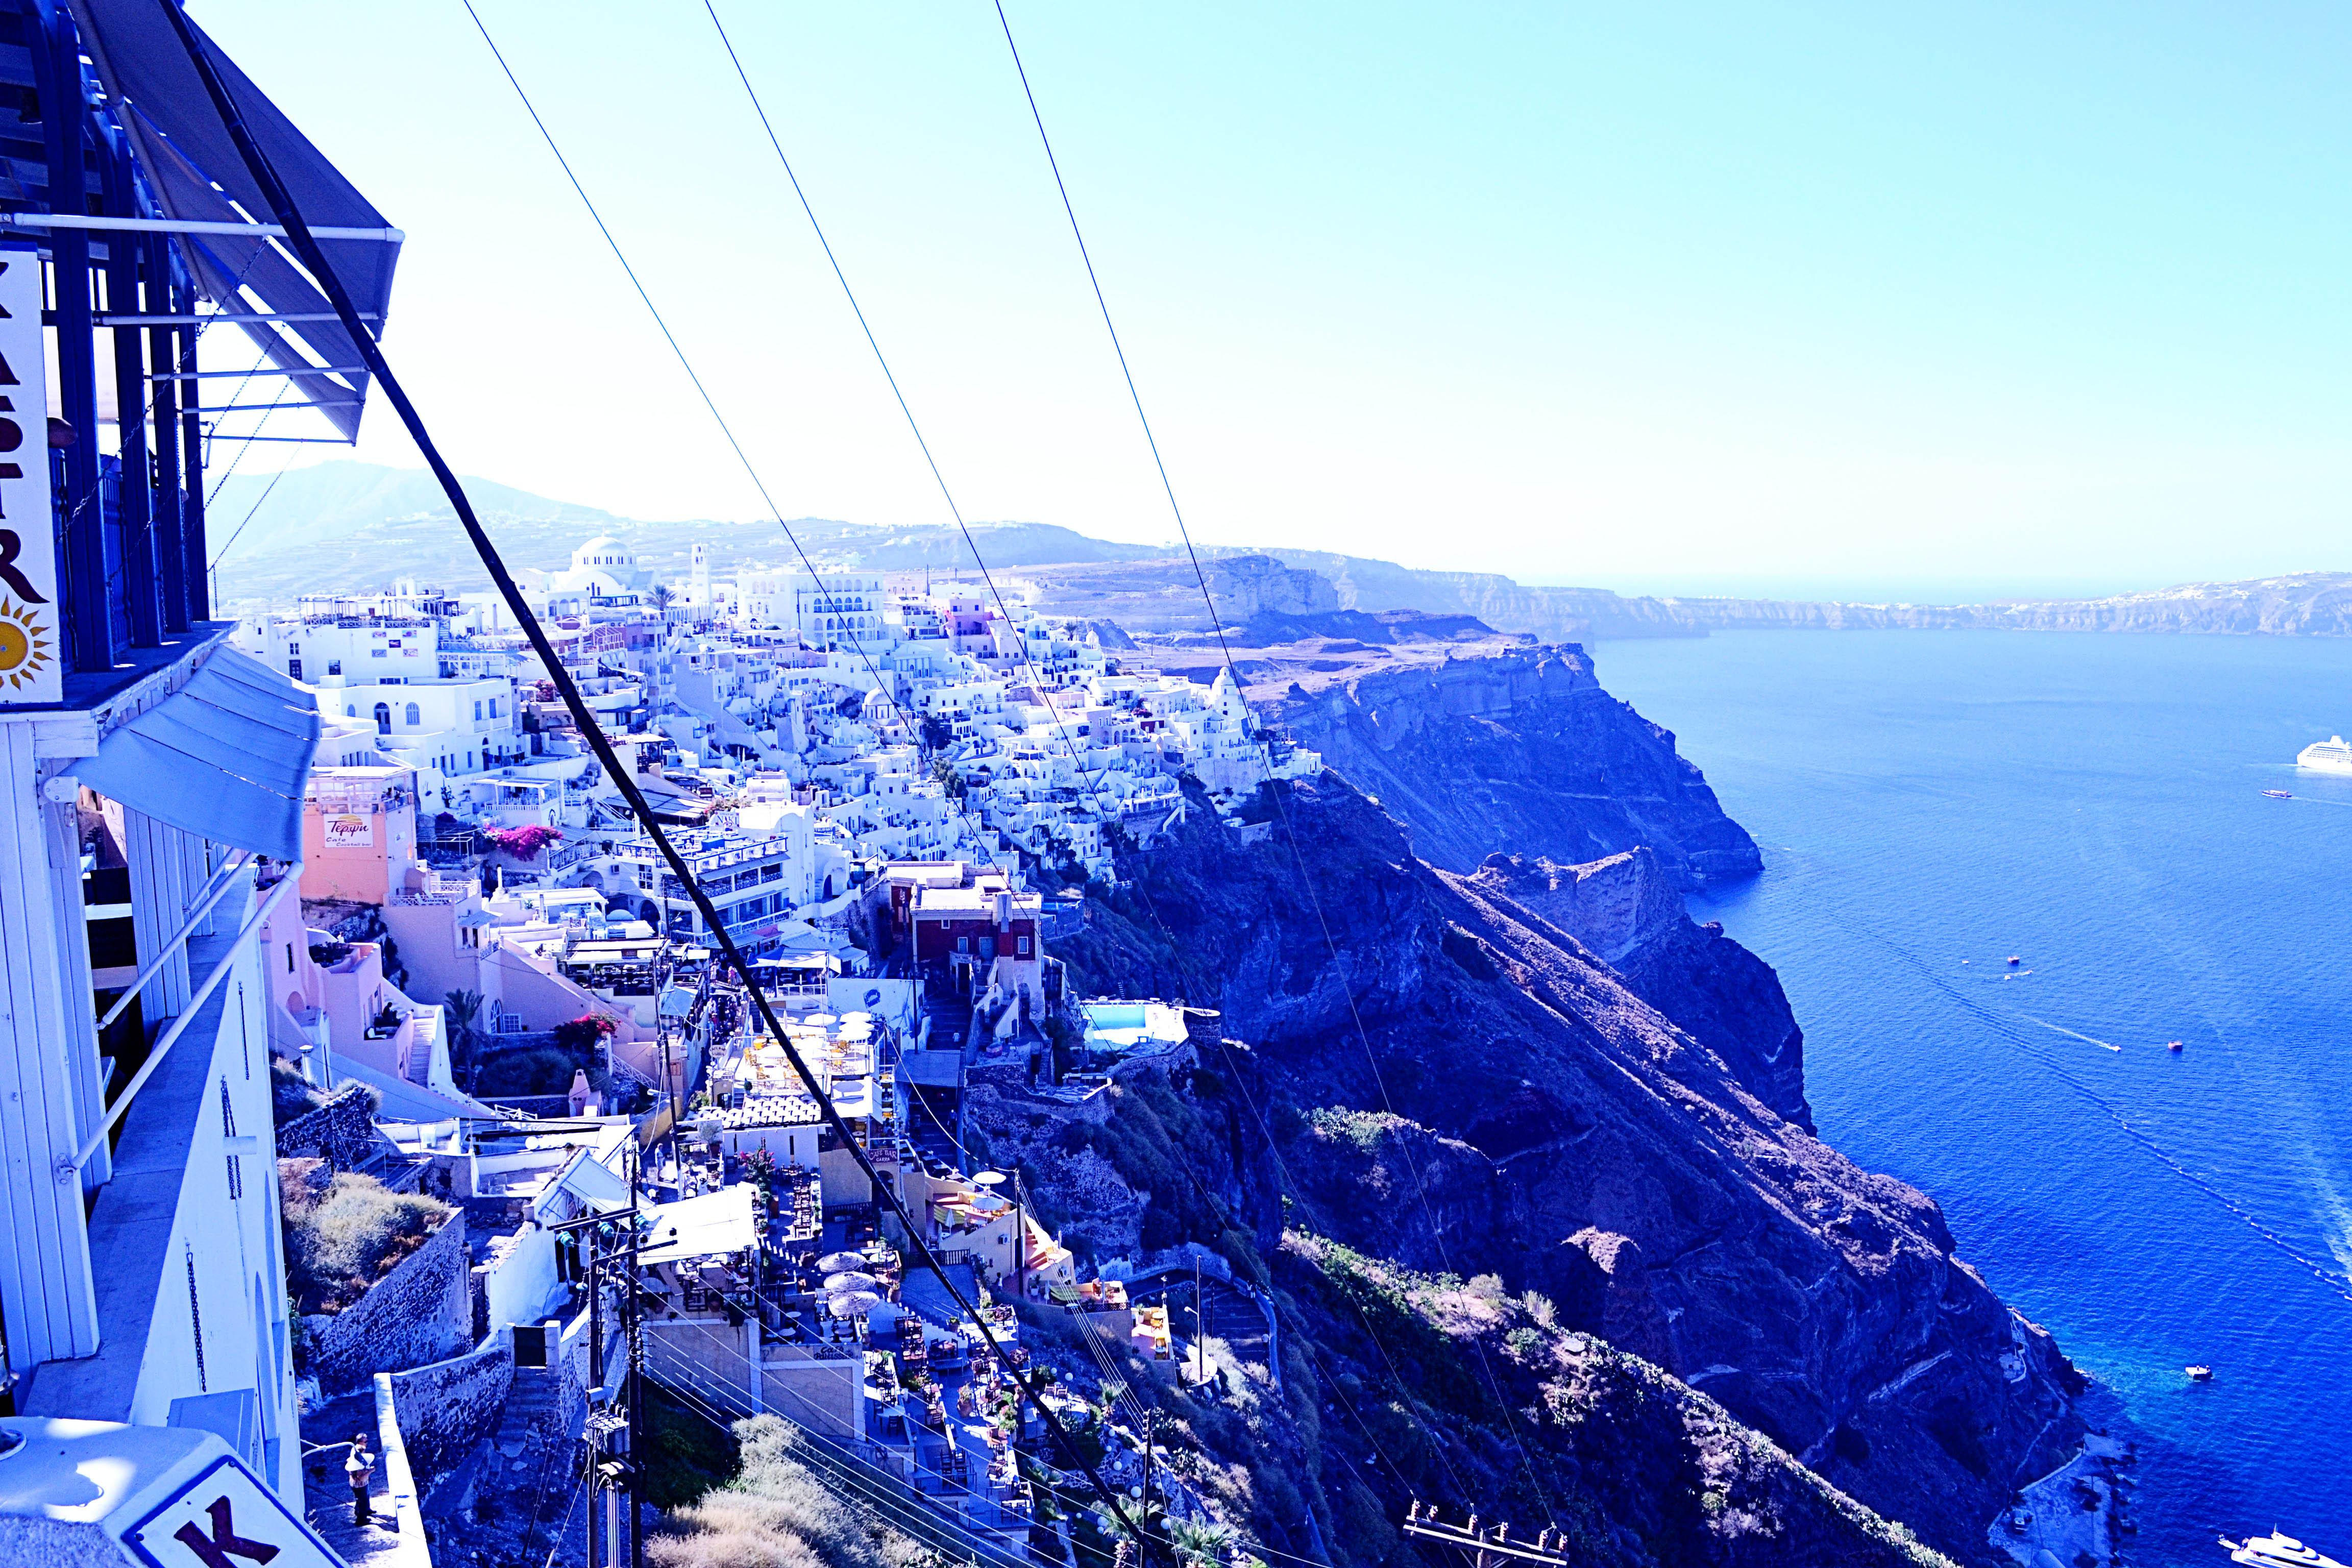 Santorini, CYA, College Year in Athens, Study Abroad, study abroad, study in greece, Study in Greece, Greece